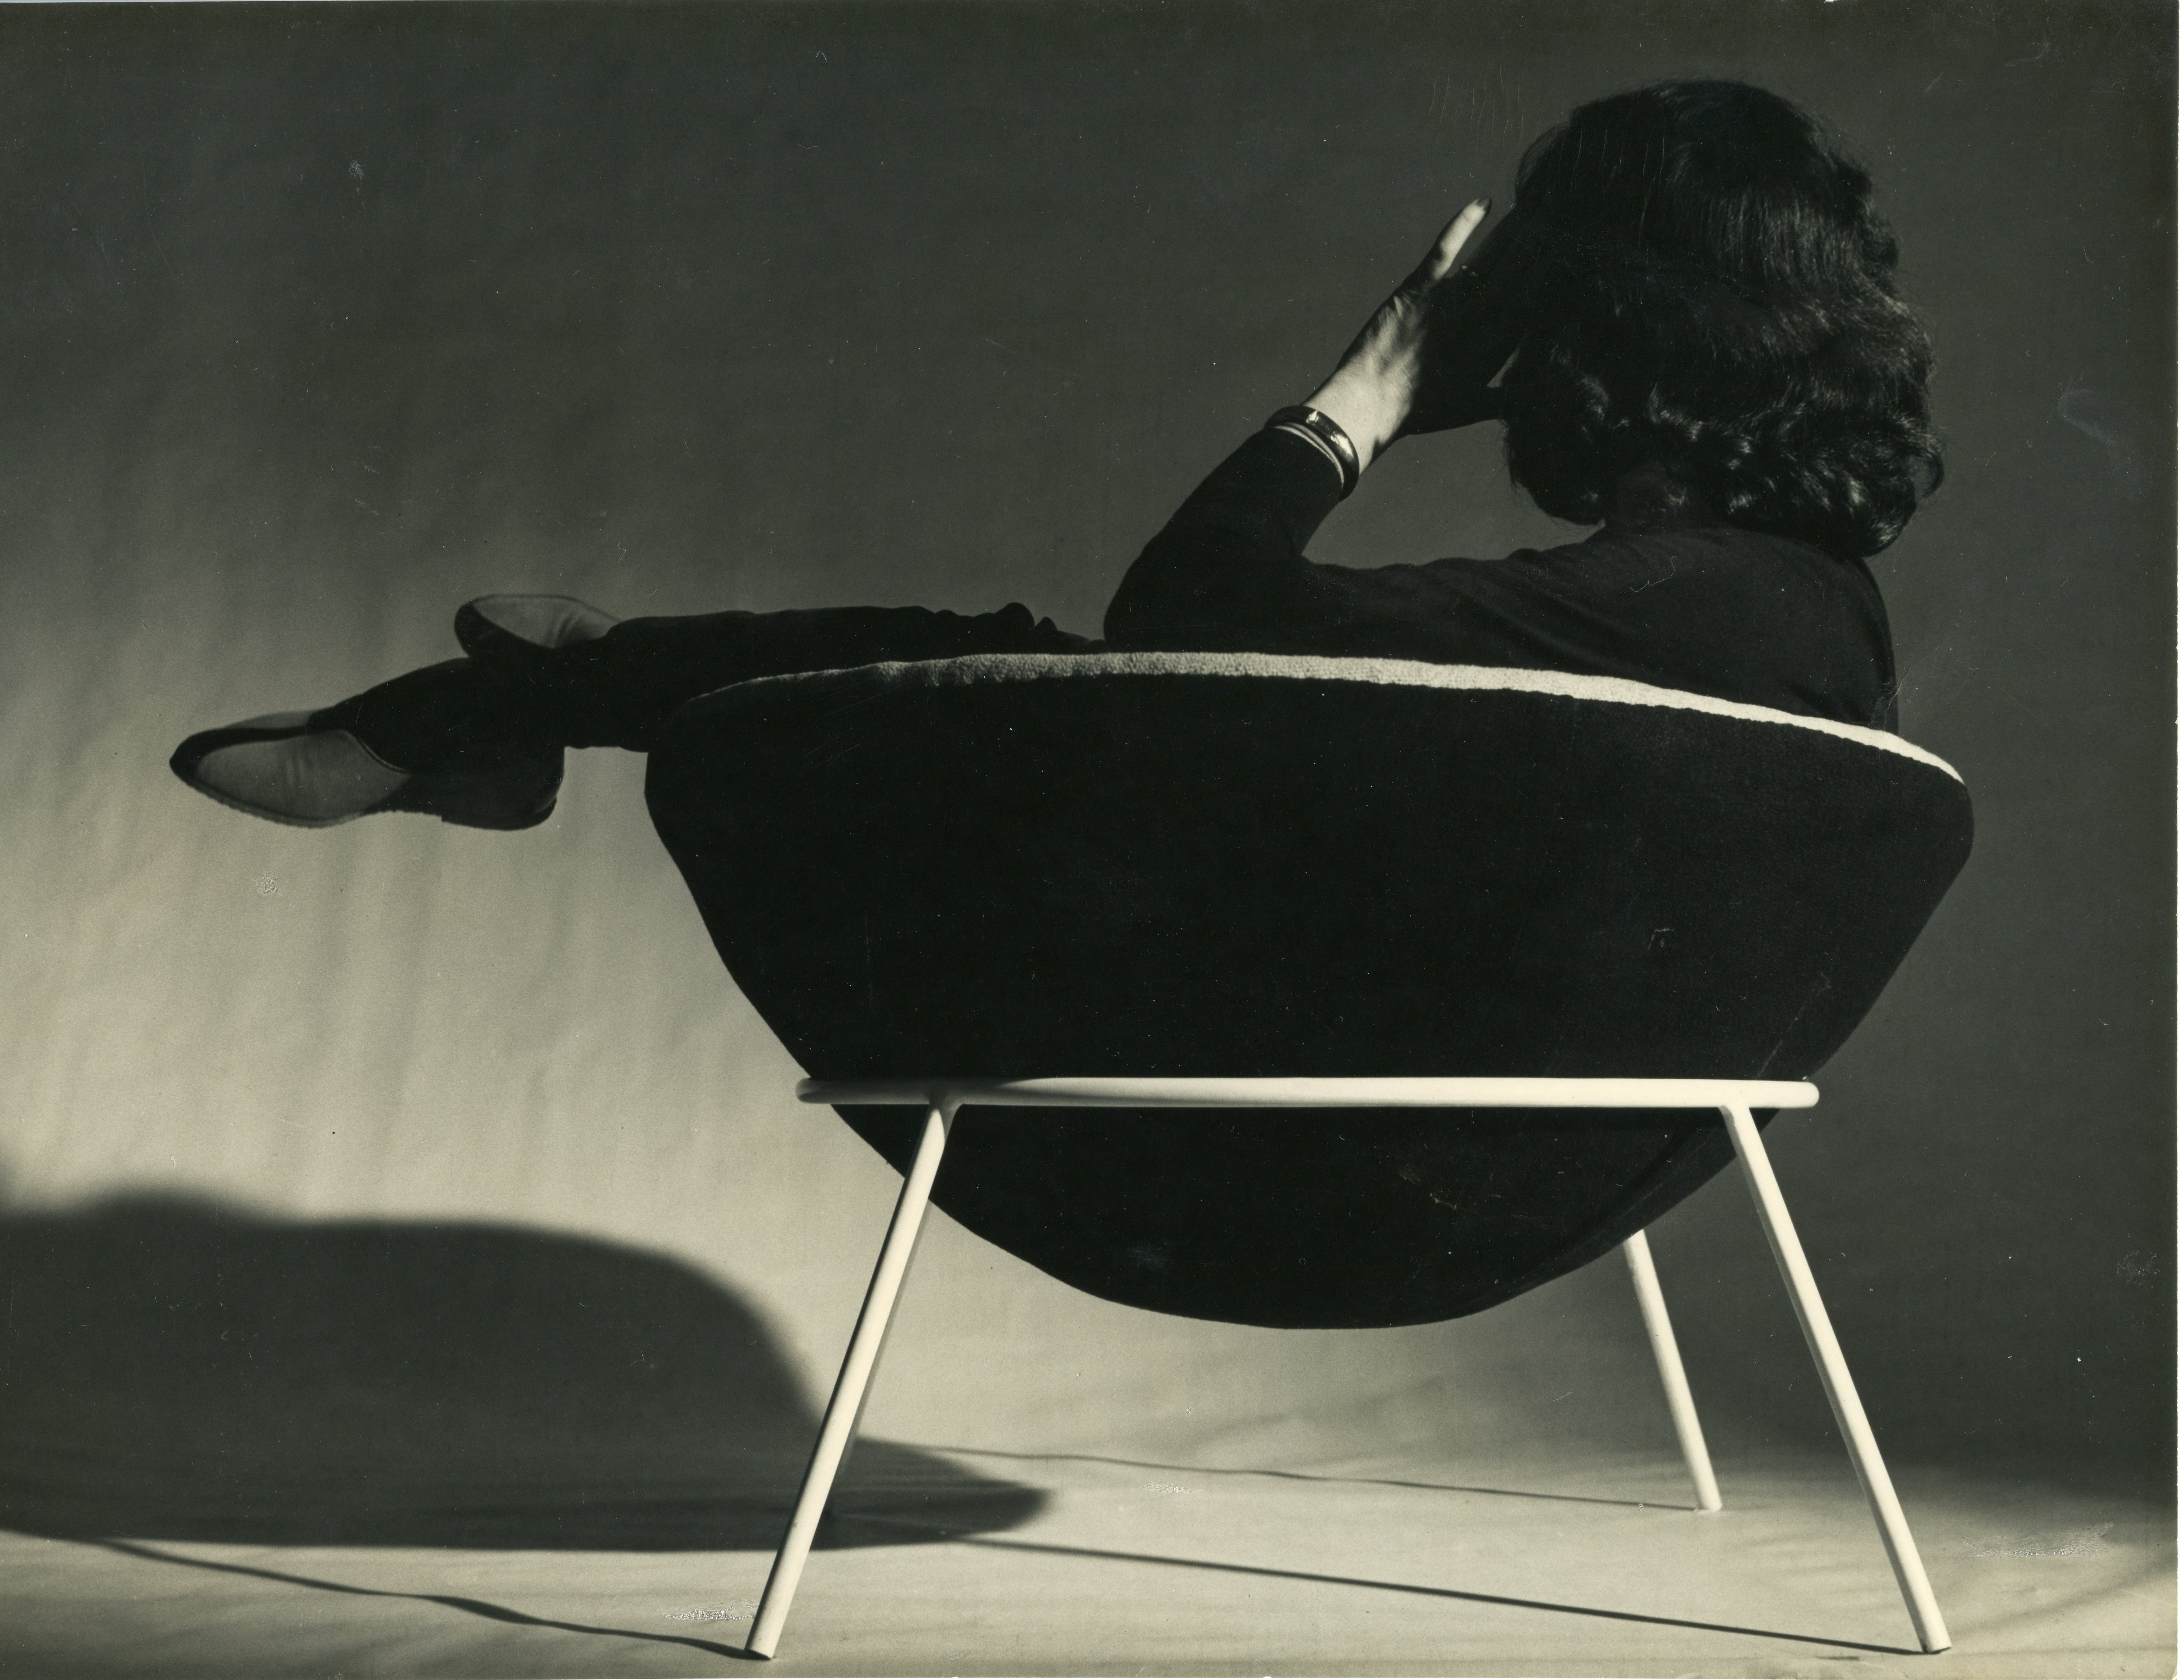 Poltrona Bowl, criada por Lina Bo Bardi em 1950.